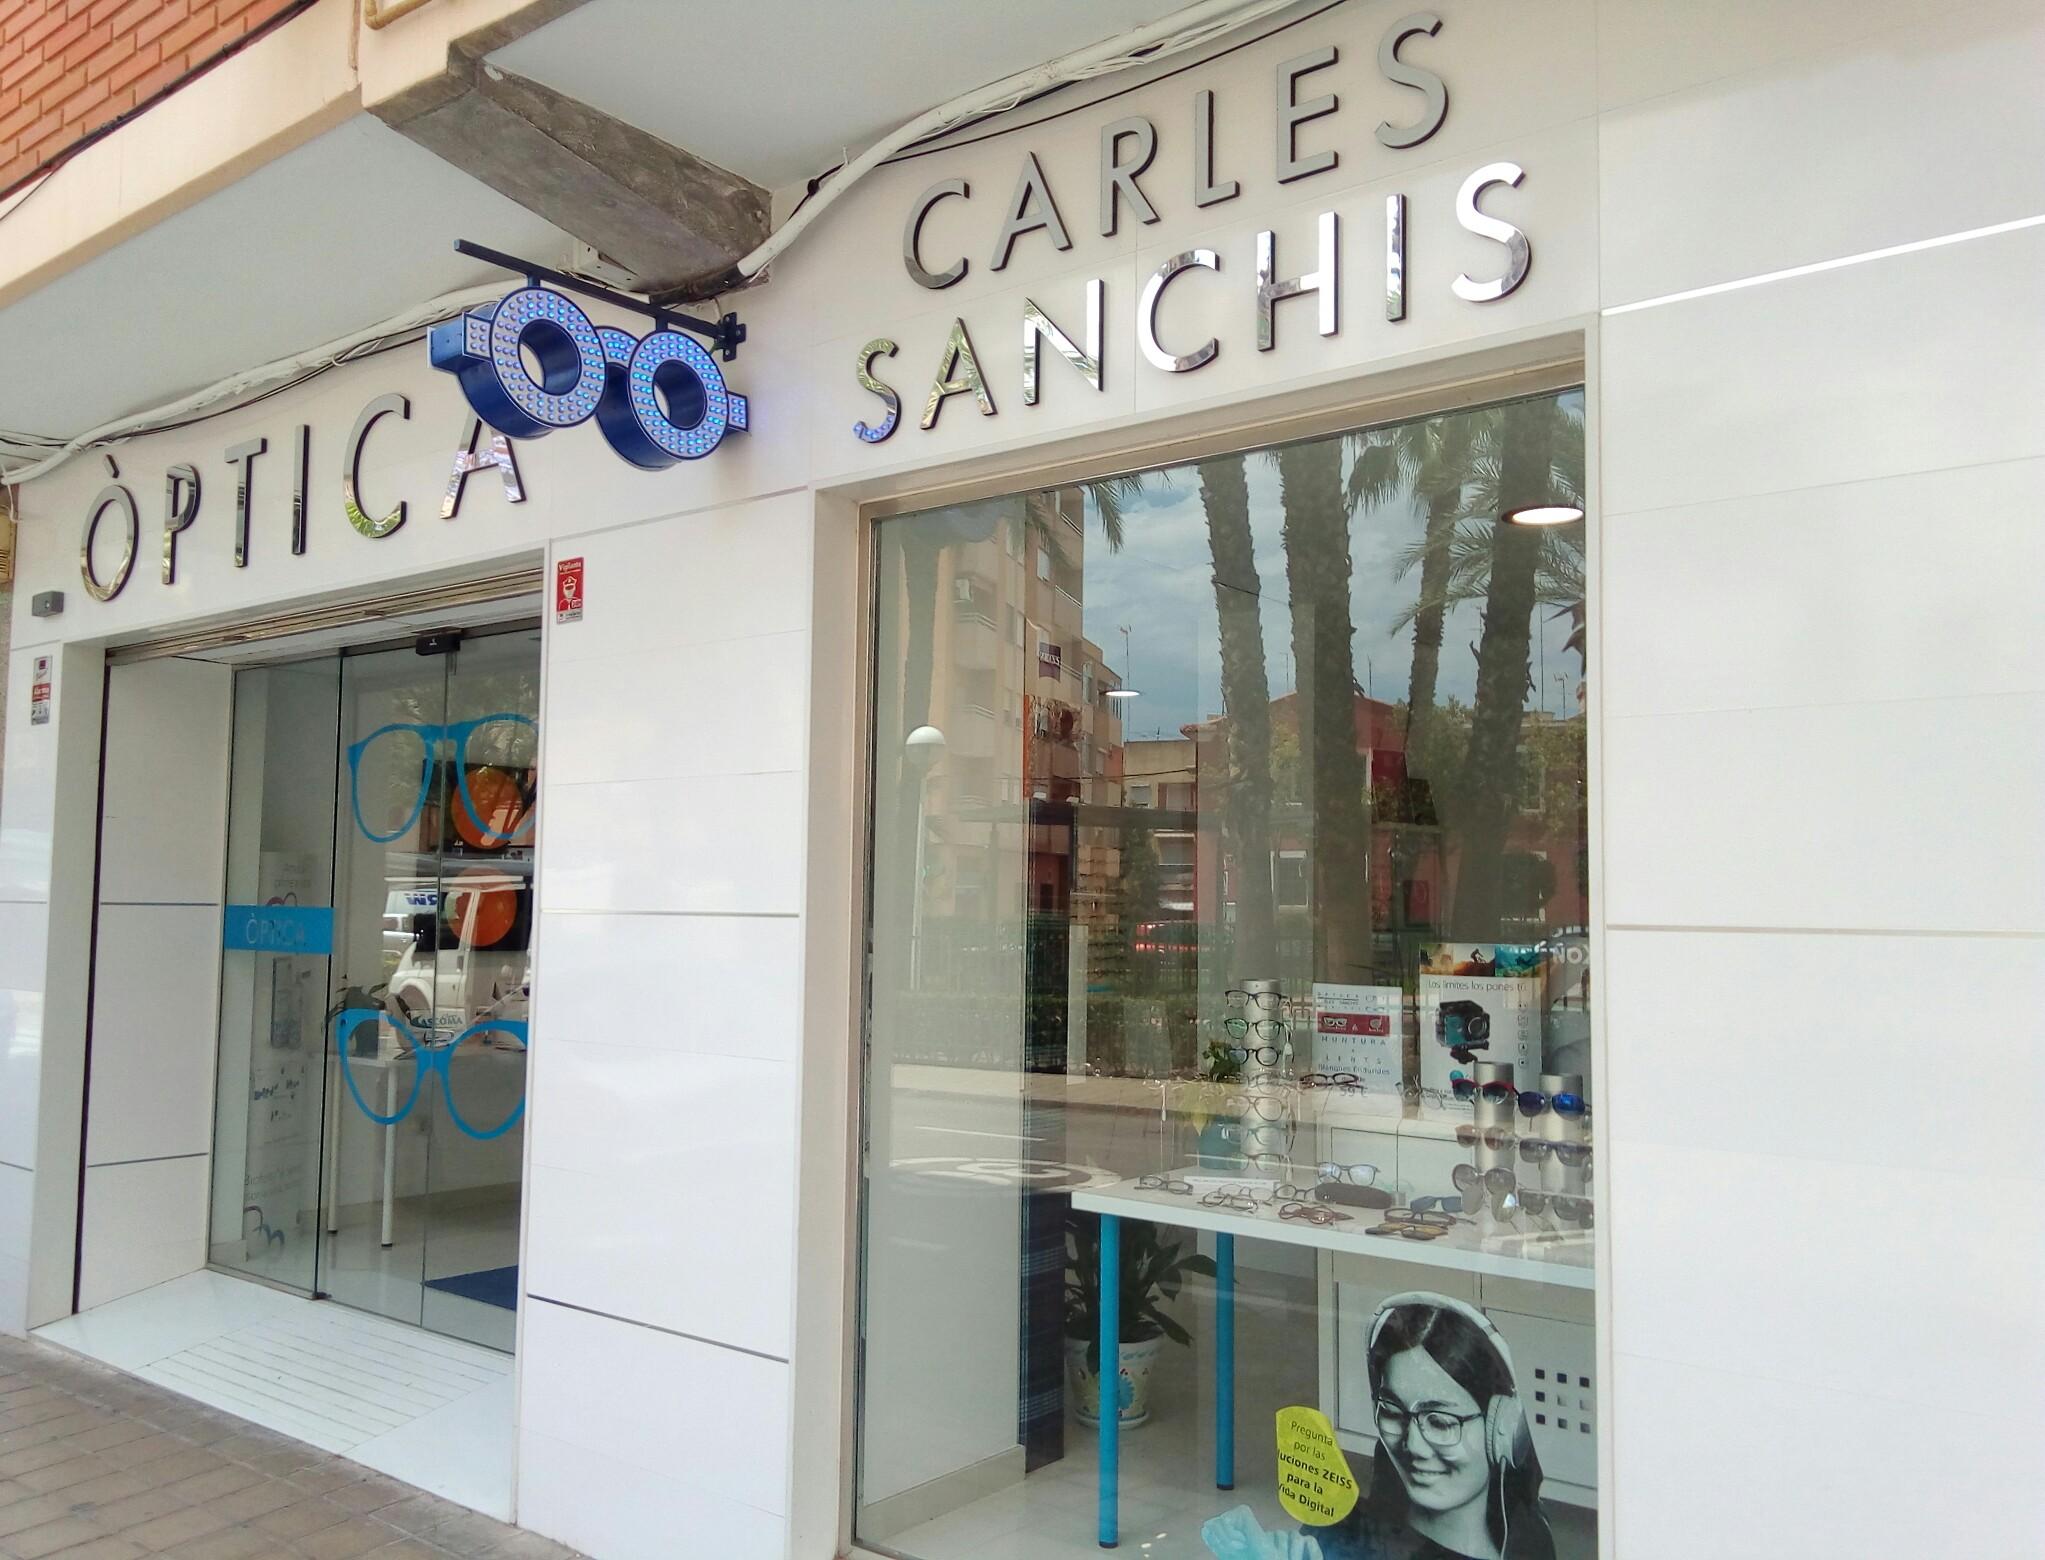 Òptica Carles Sanchis